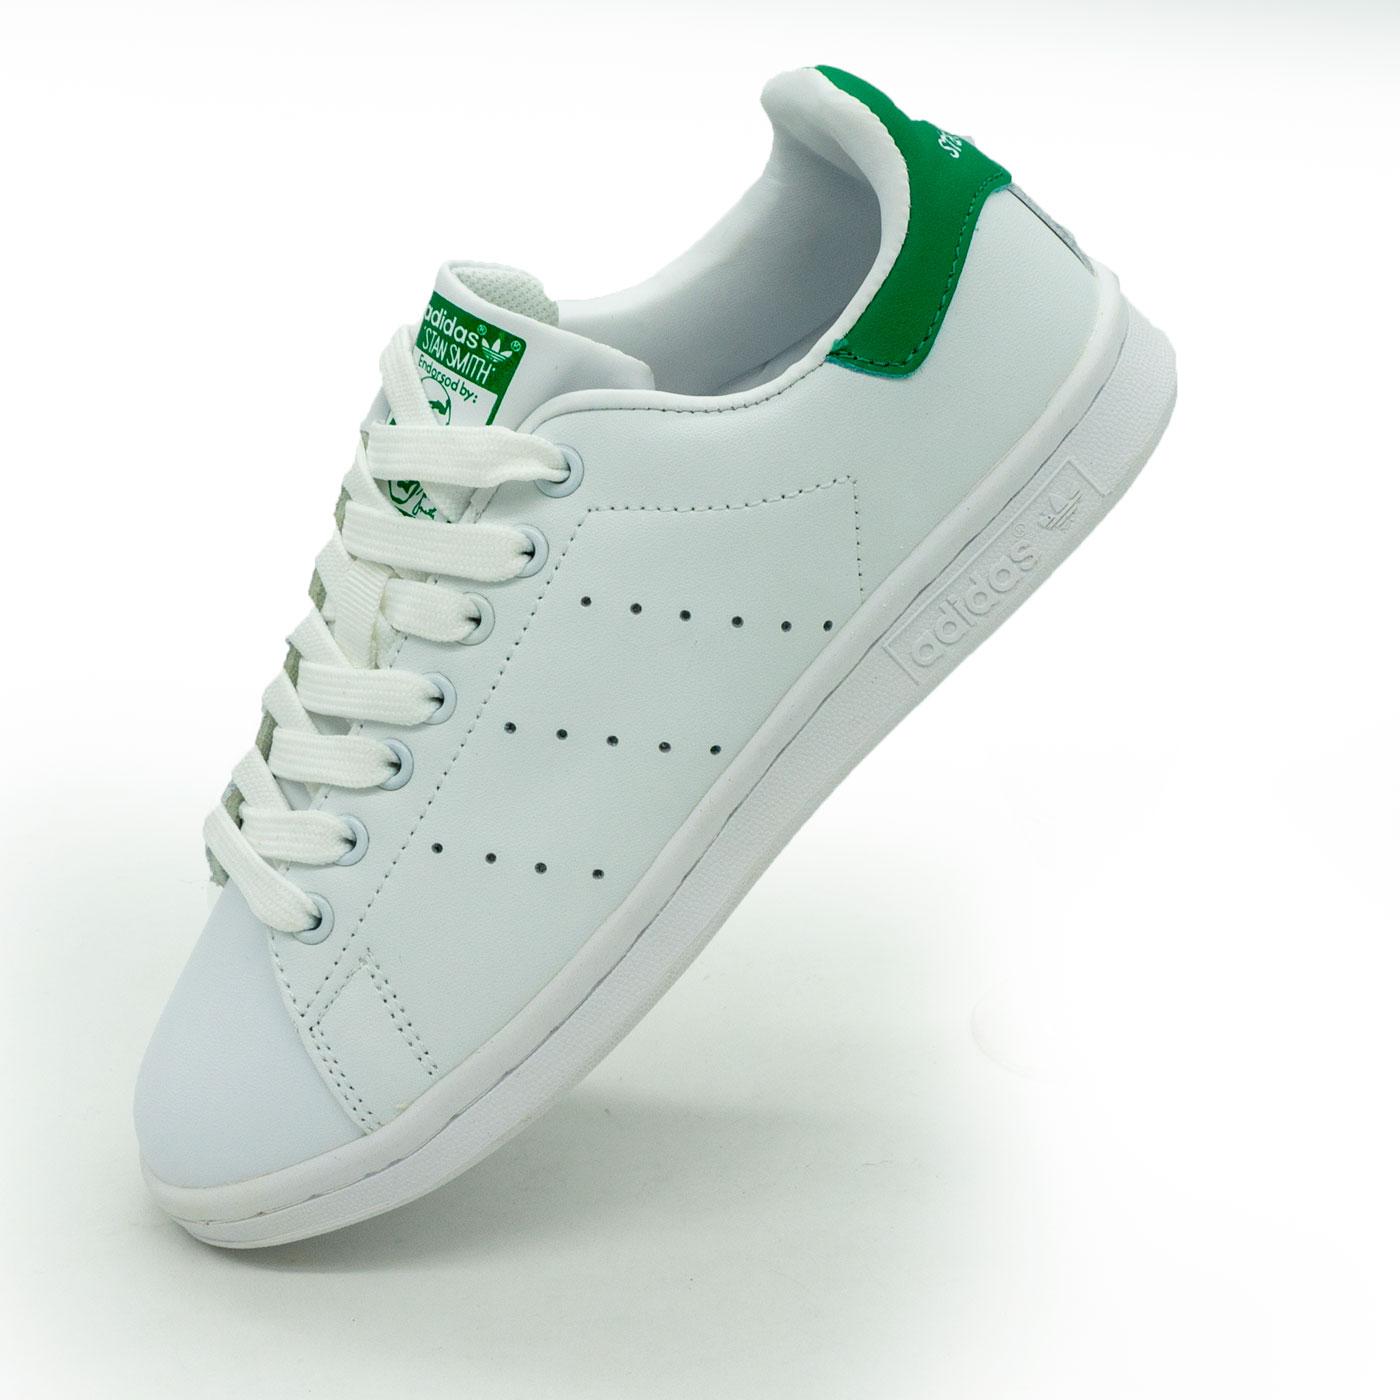 фото main Женские кроссовки Adidas Stan Smith бело зеленые main